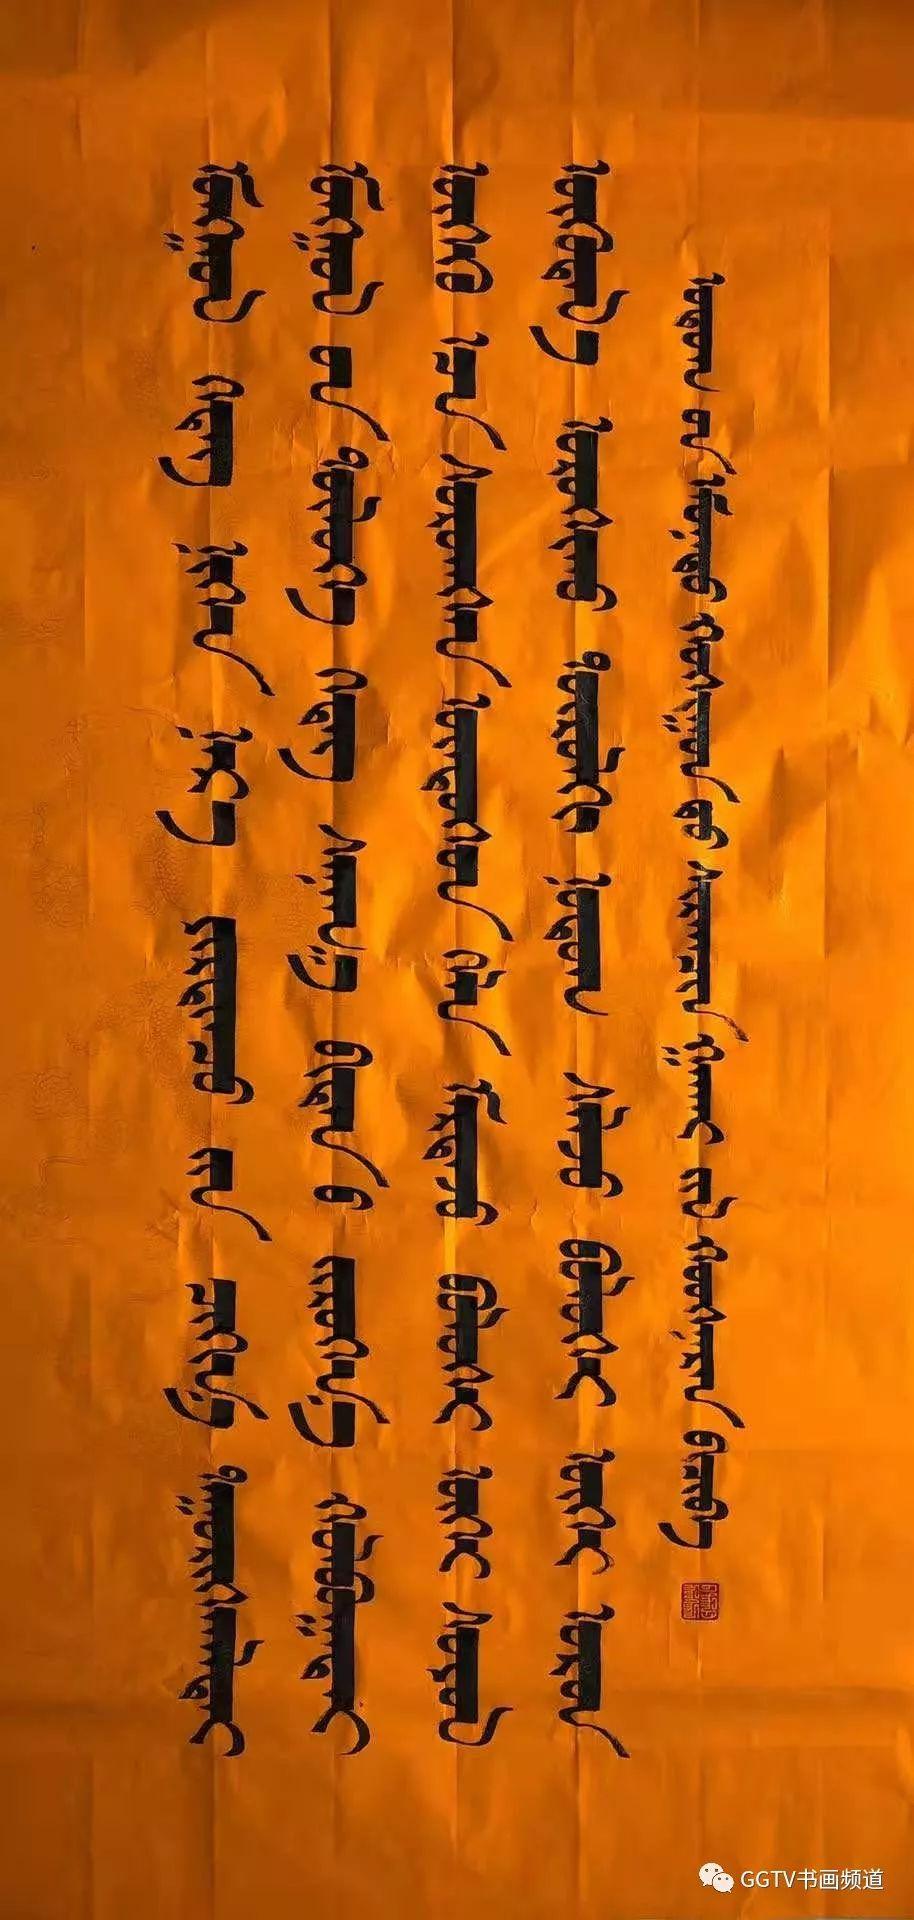 庆祝建国70周年全国优秀艺术家  —— 鲍好斯那拉作品展 第12张